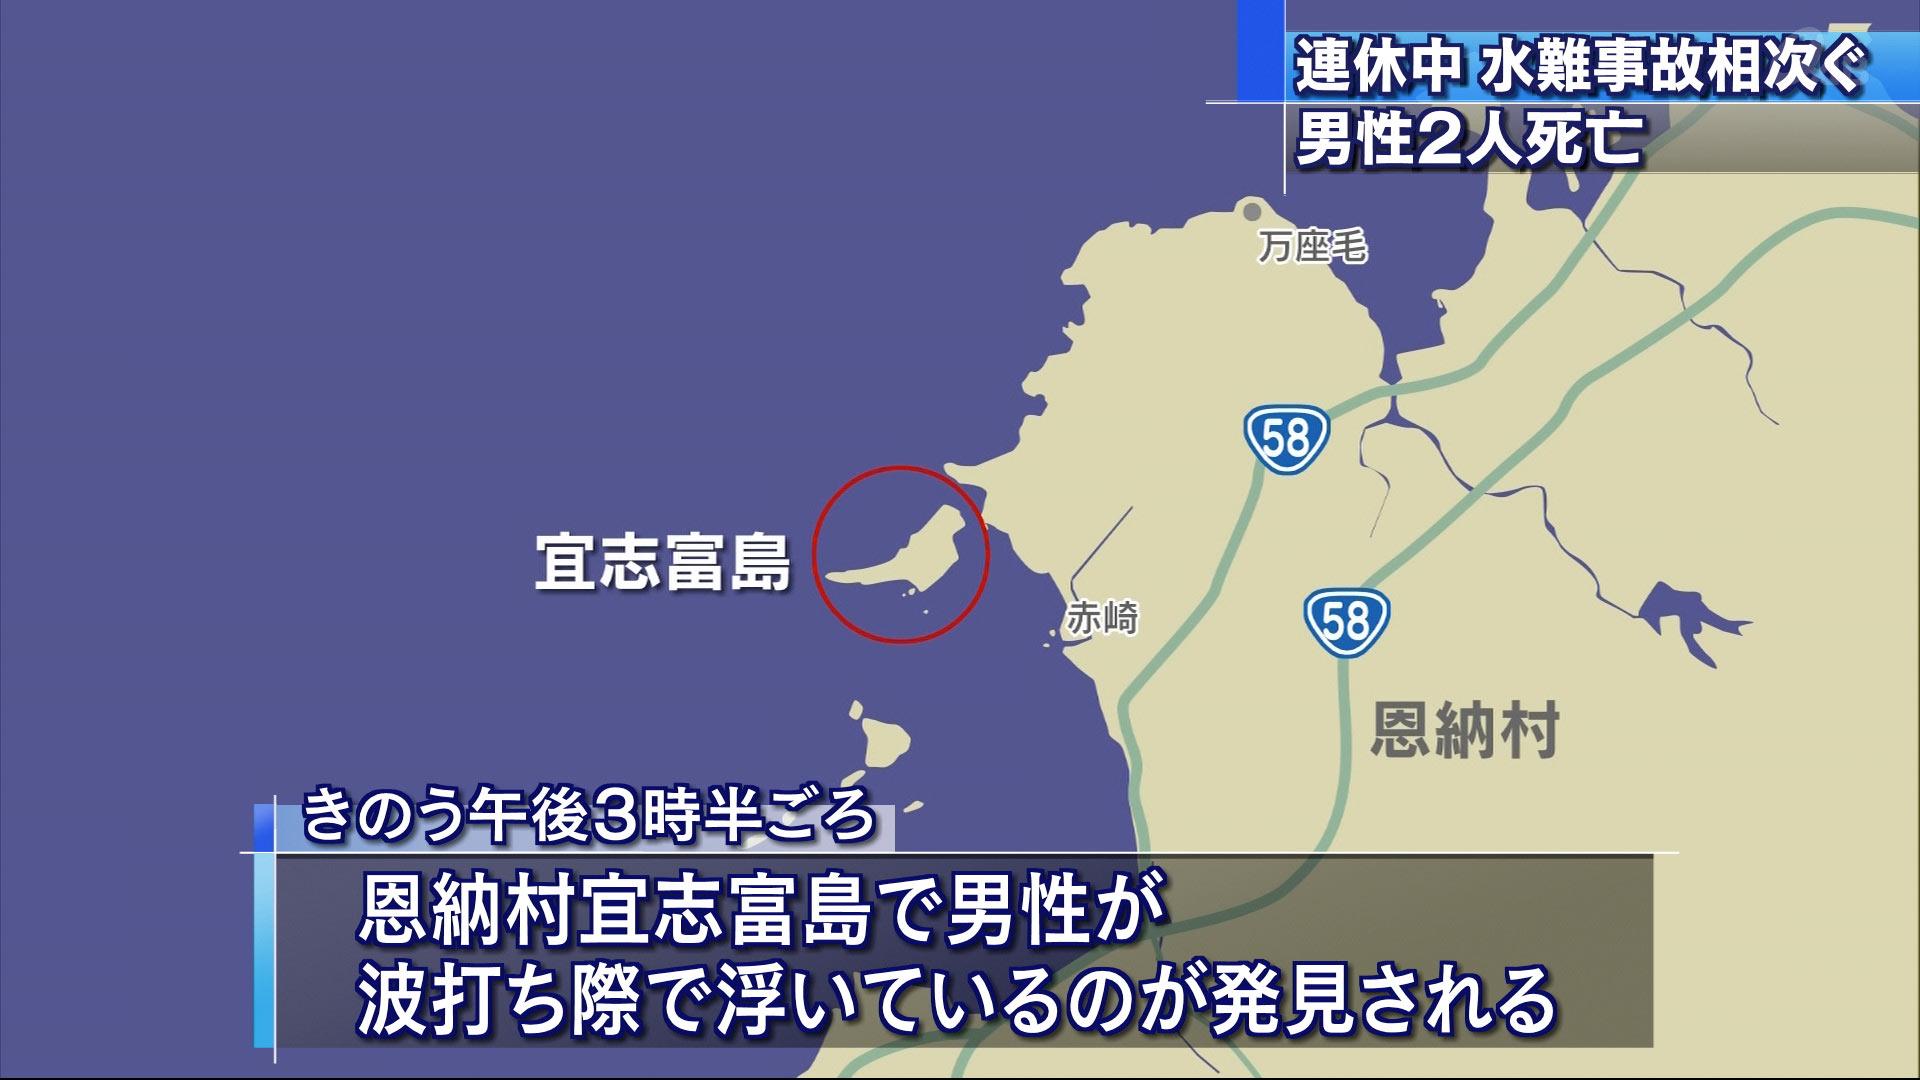 連休中 県内で水難事故相次ぎ2人死亡